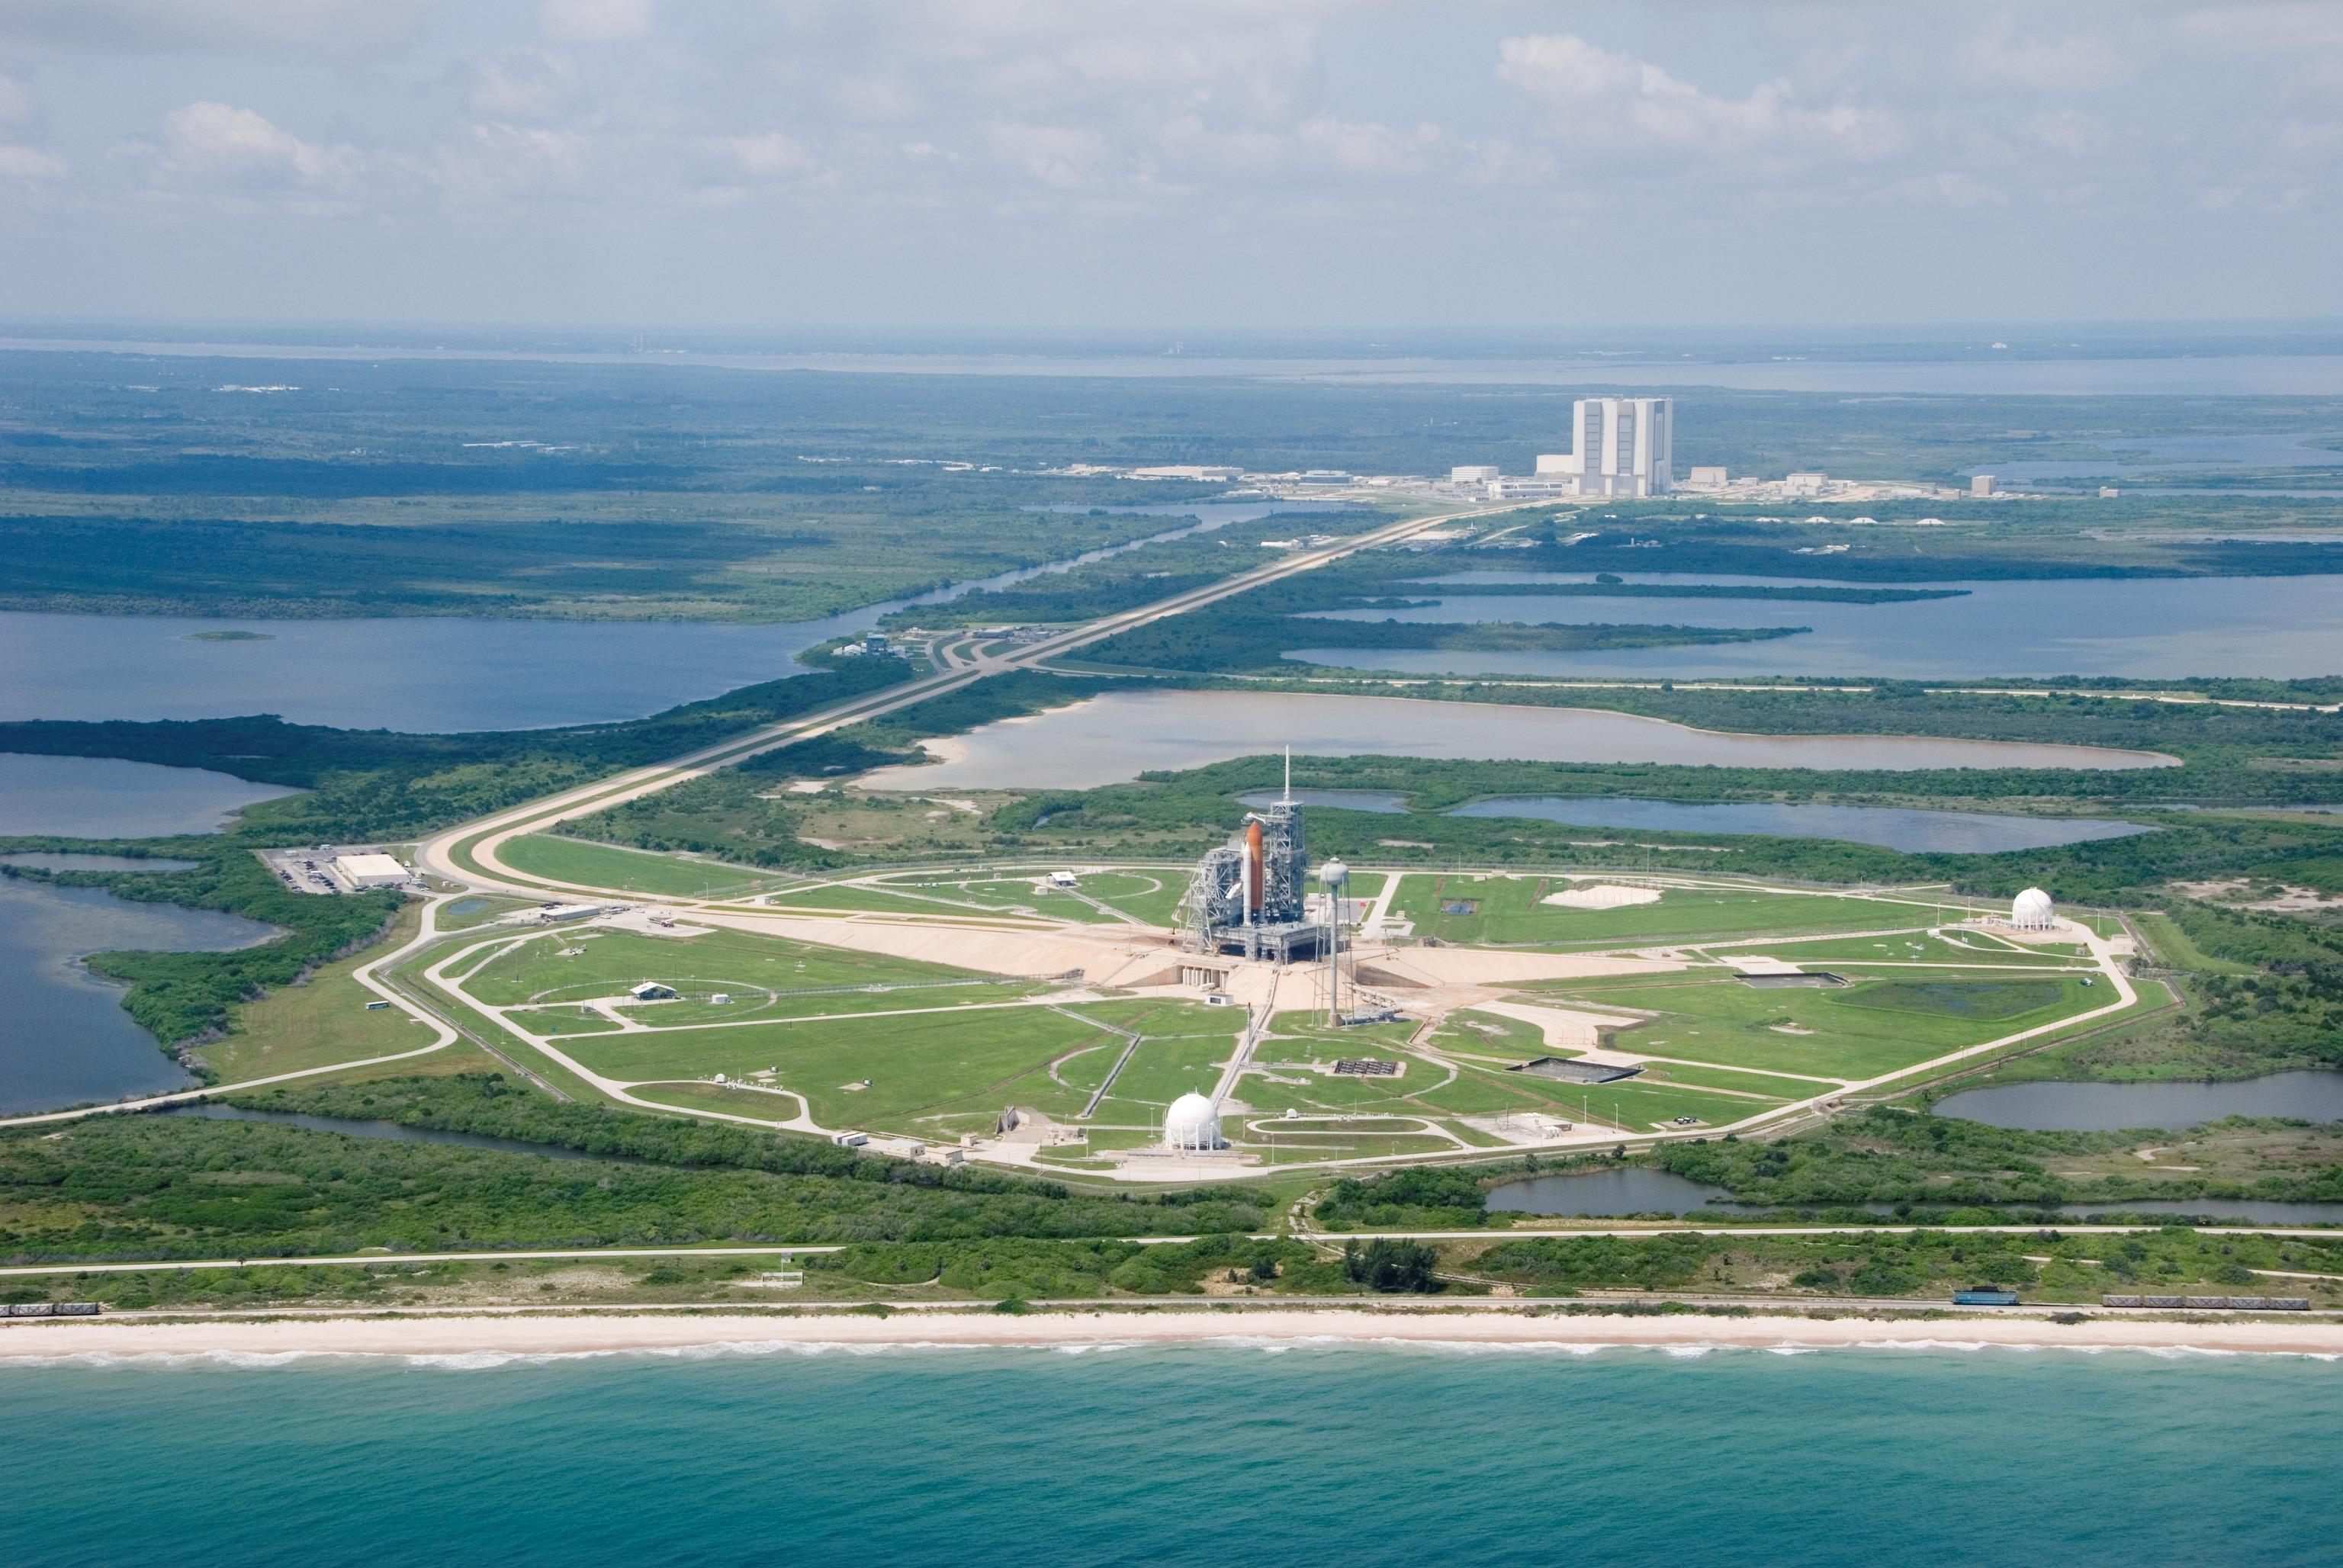 [Candidature] Photo du mois (décembre 2014) - Page 2 STS-118_Endeavour_pad_view